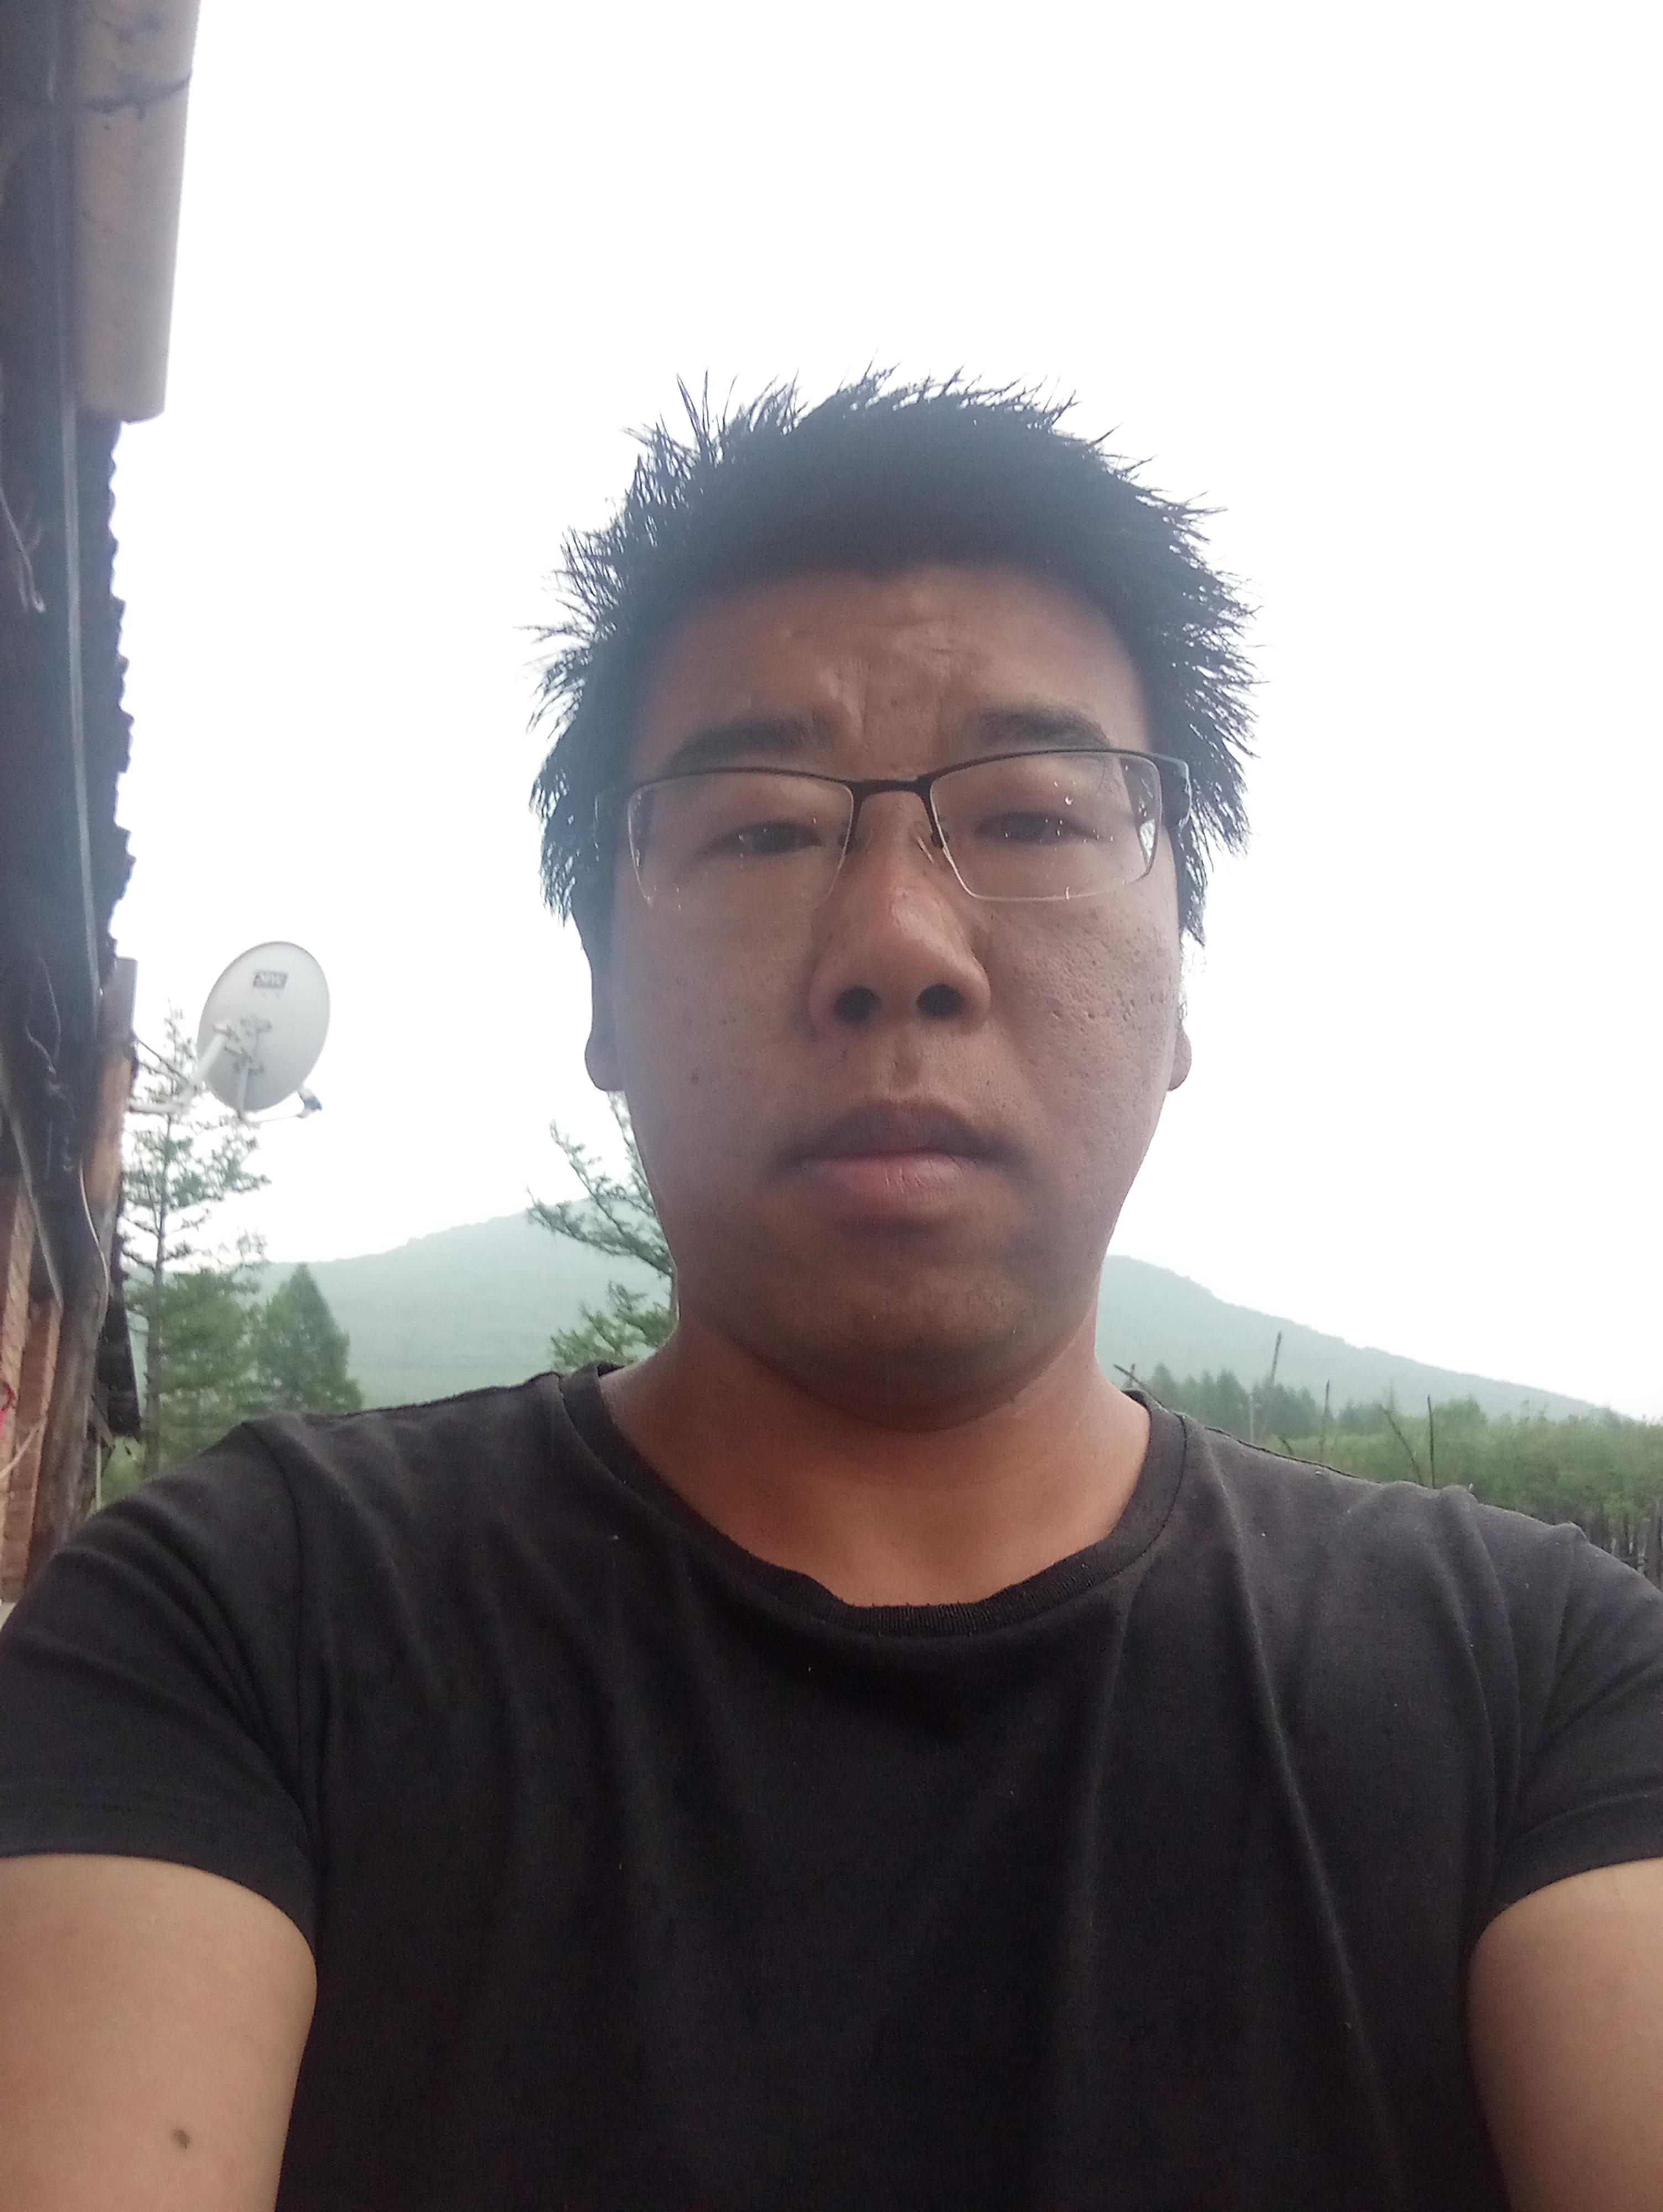 王胖子℃的照片